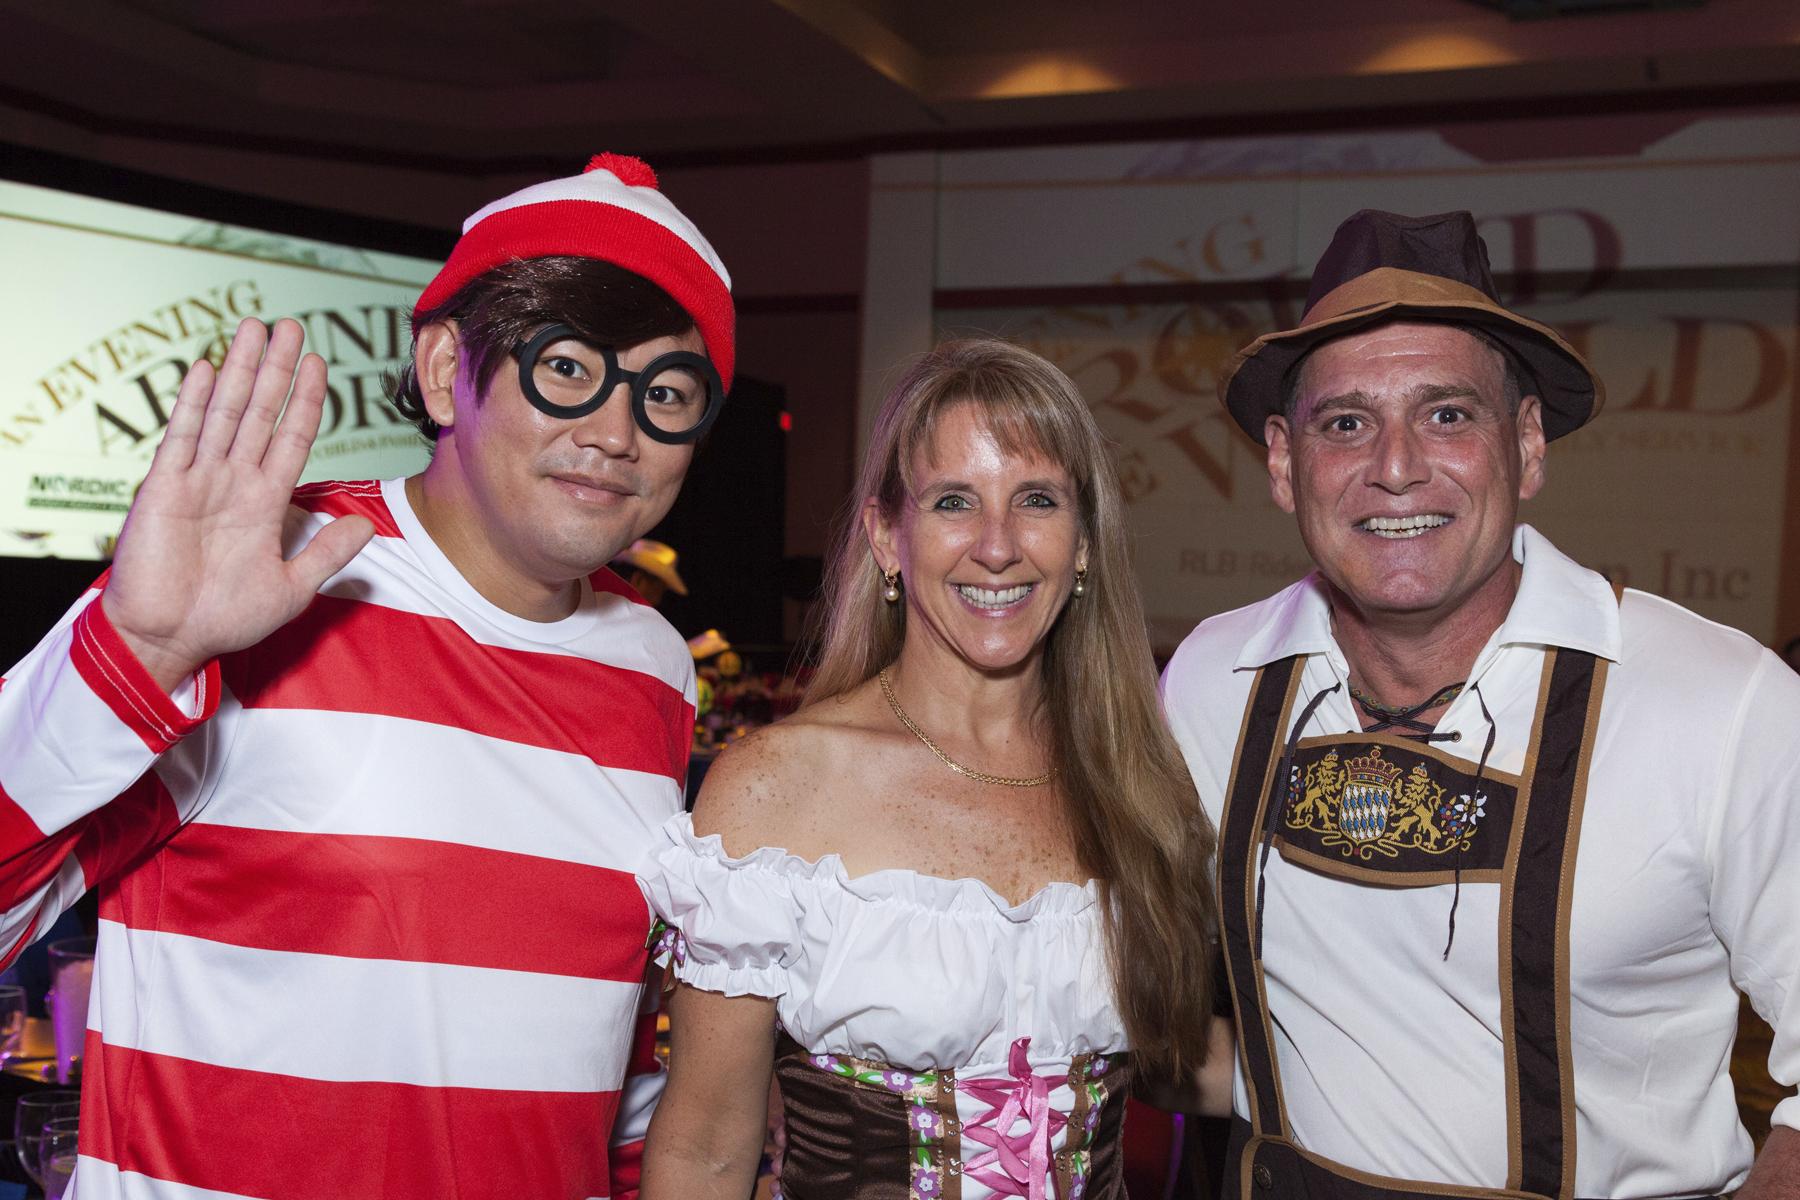 2016 AN EVENING AROUND THE WORLD: Found Waldo!